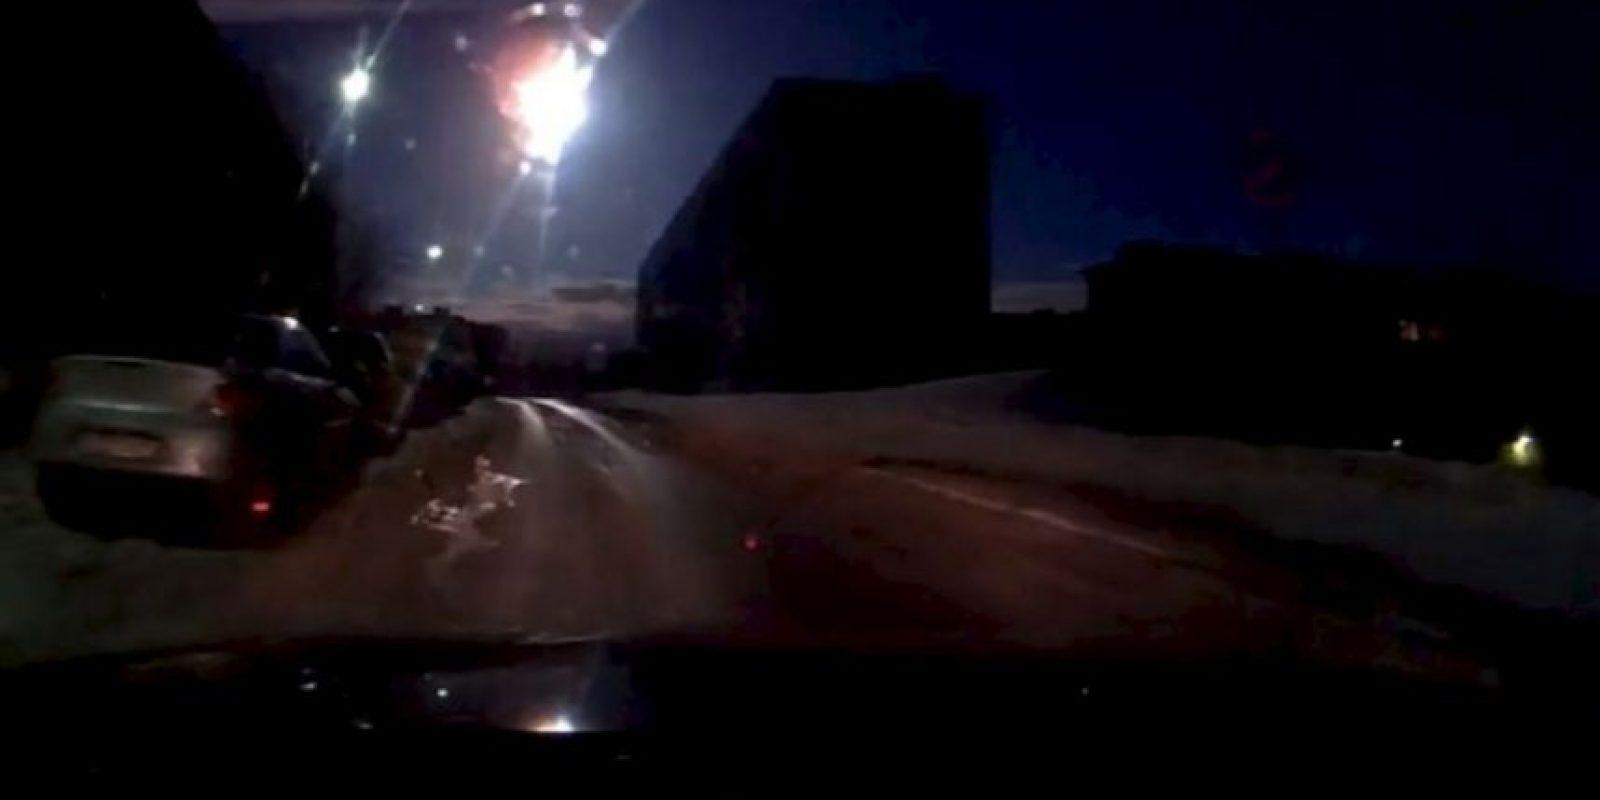 Abril de 2014: un meteorito ilumina el cielo de Rusia Foto:YouTube.com – Archivo